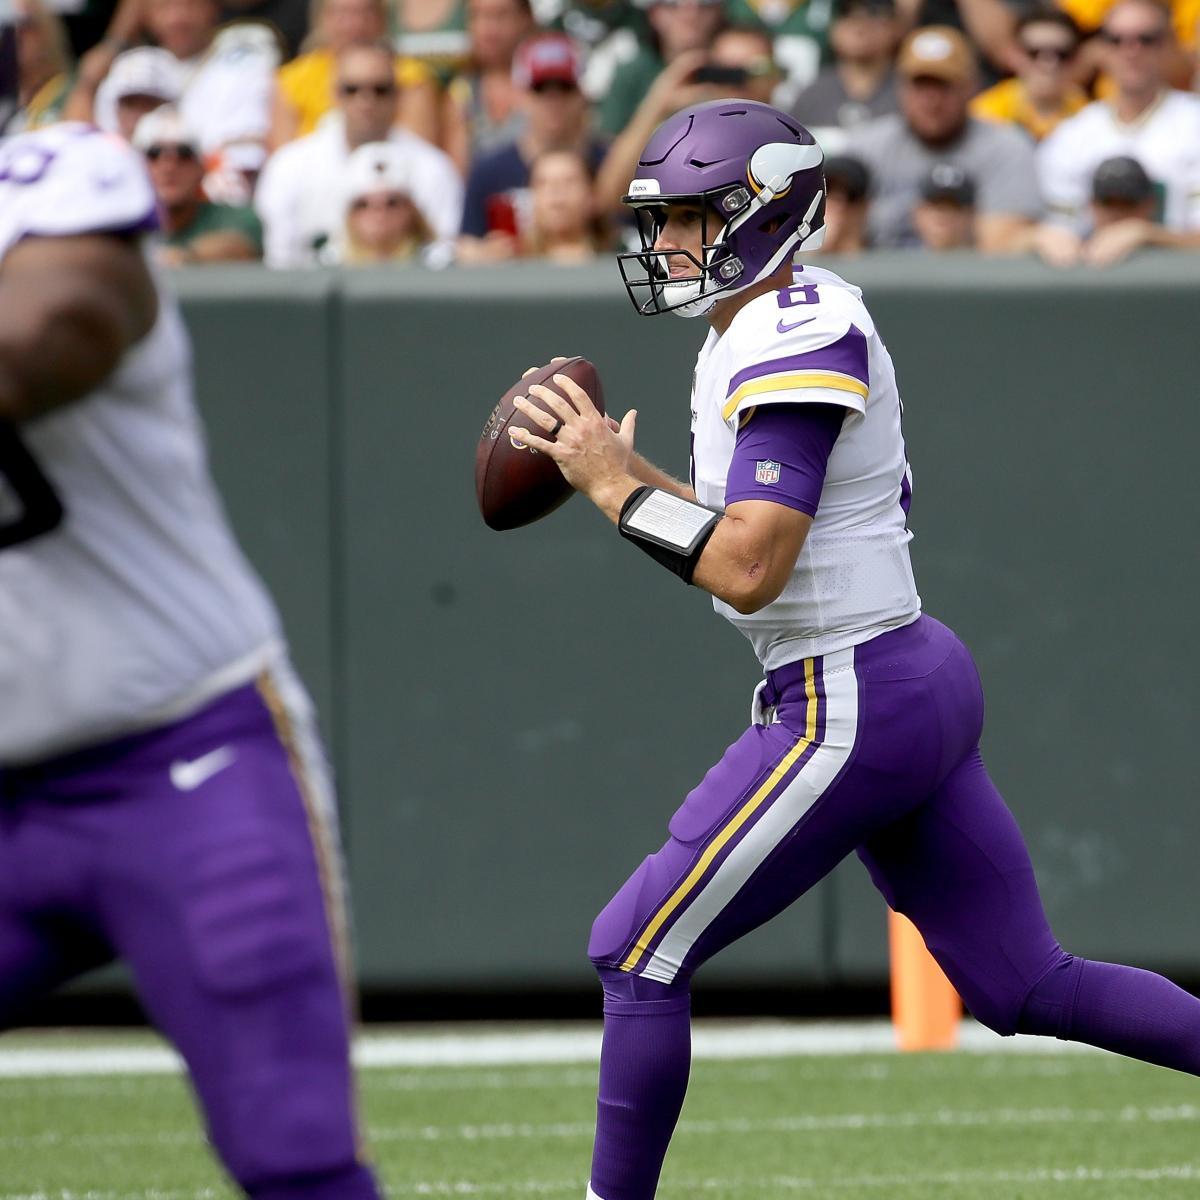 Buffalo Bills vs. Minnesota Vikings: Odds, Analysis, NFL Betting Pick